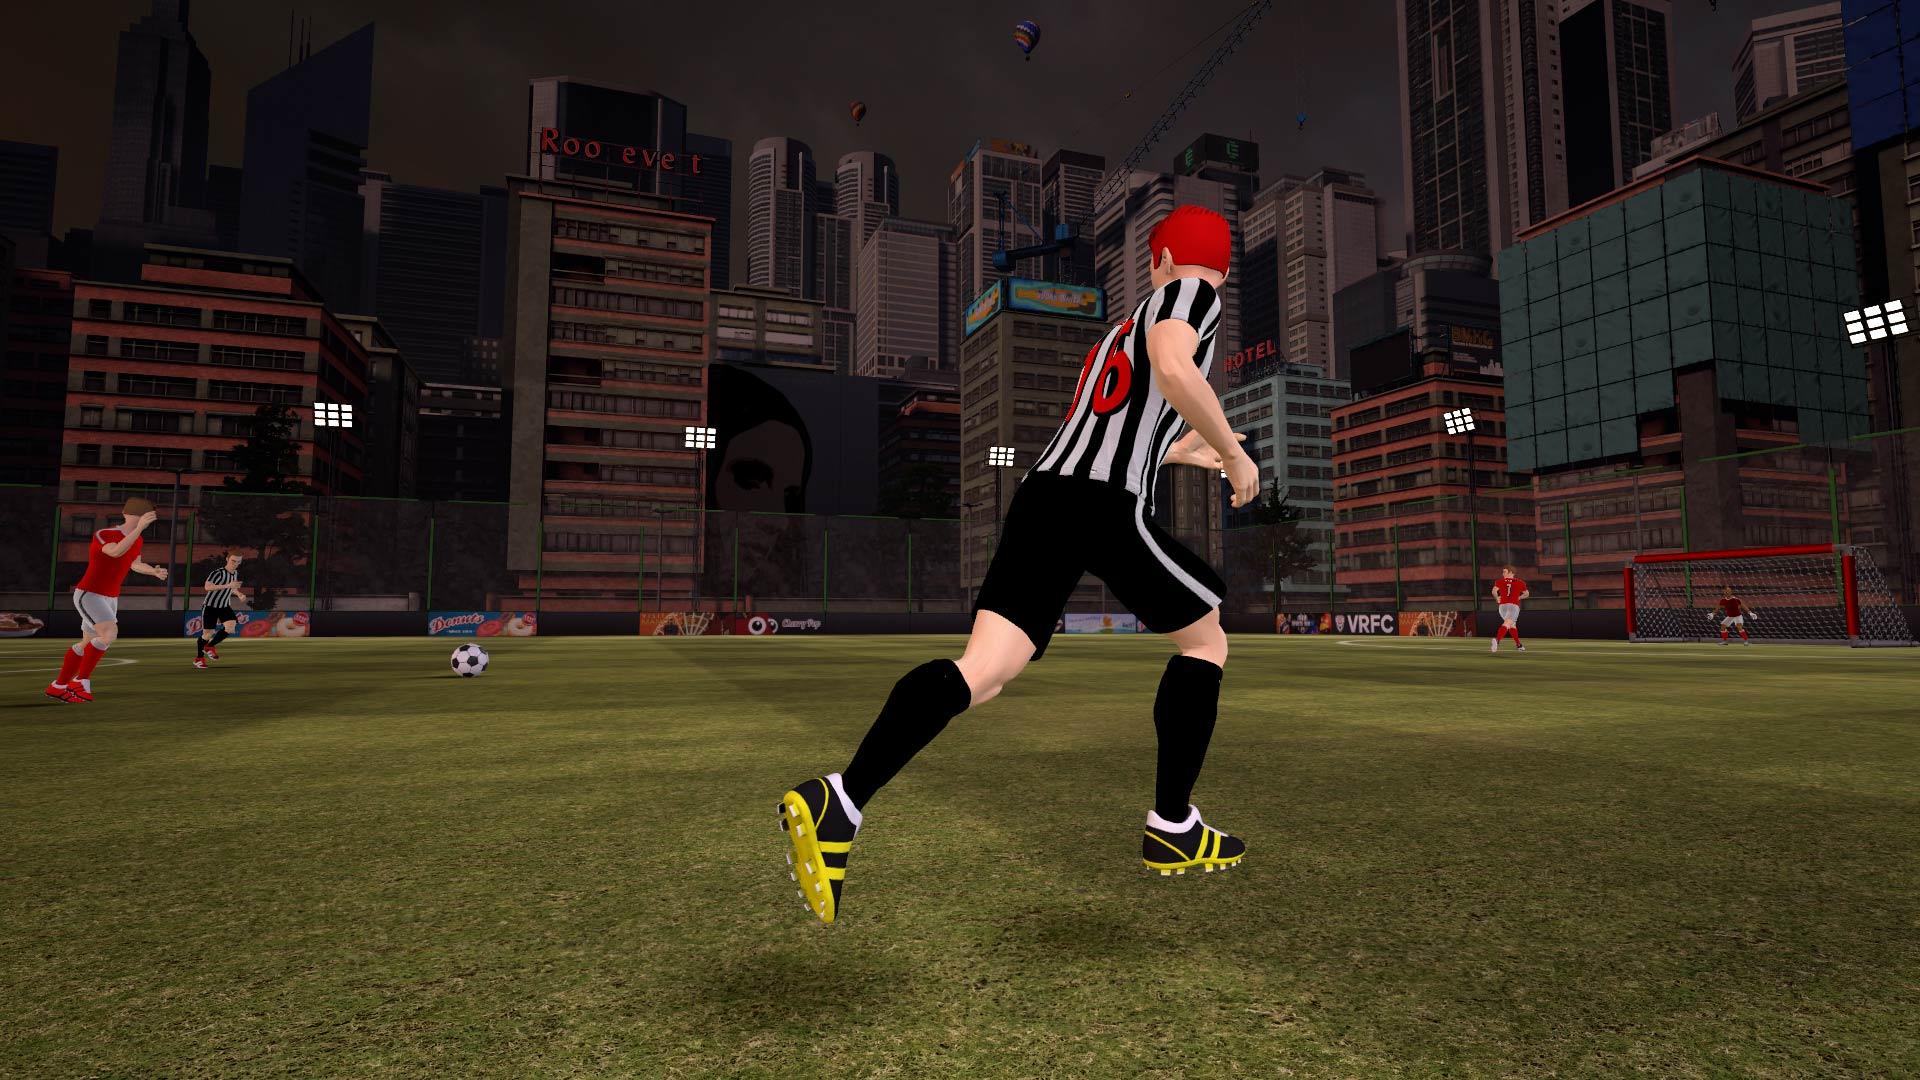 VRFC Club de fútbol de realidad virtual